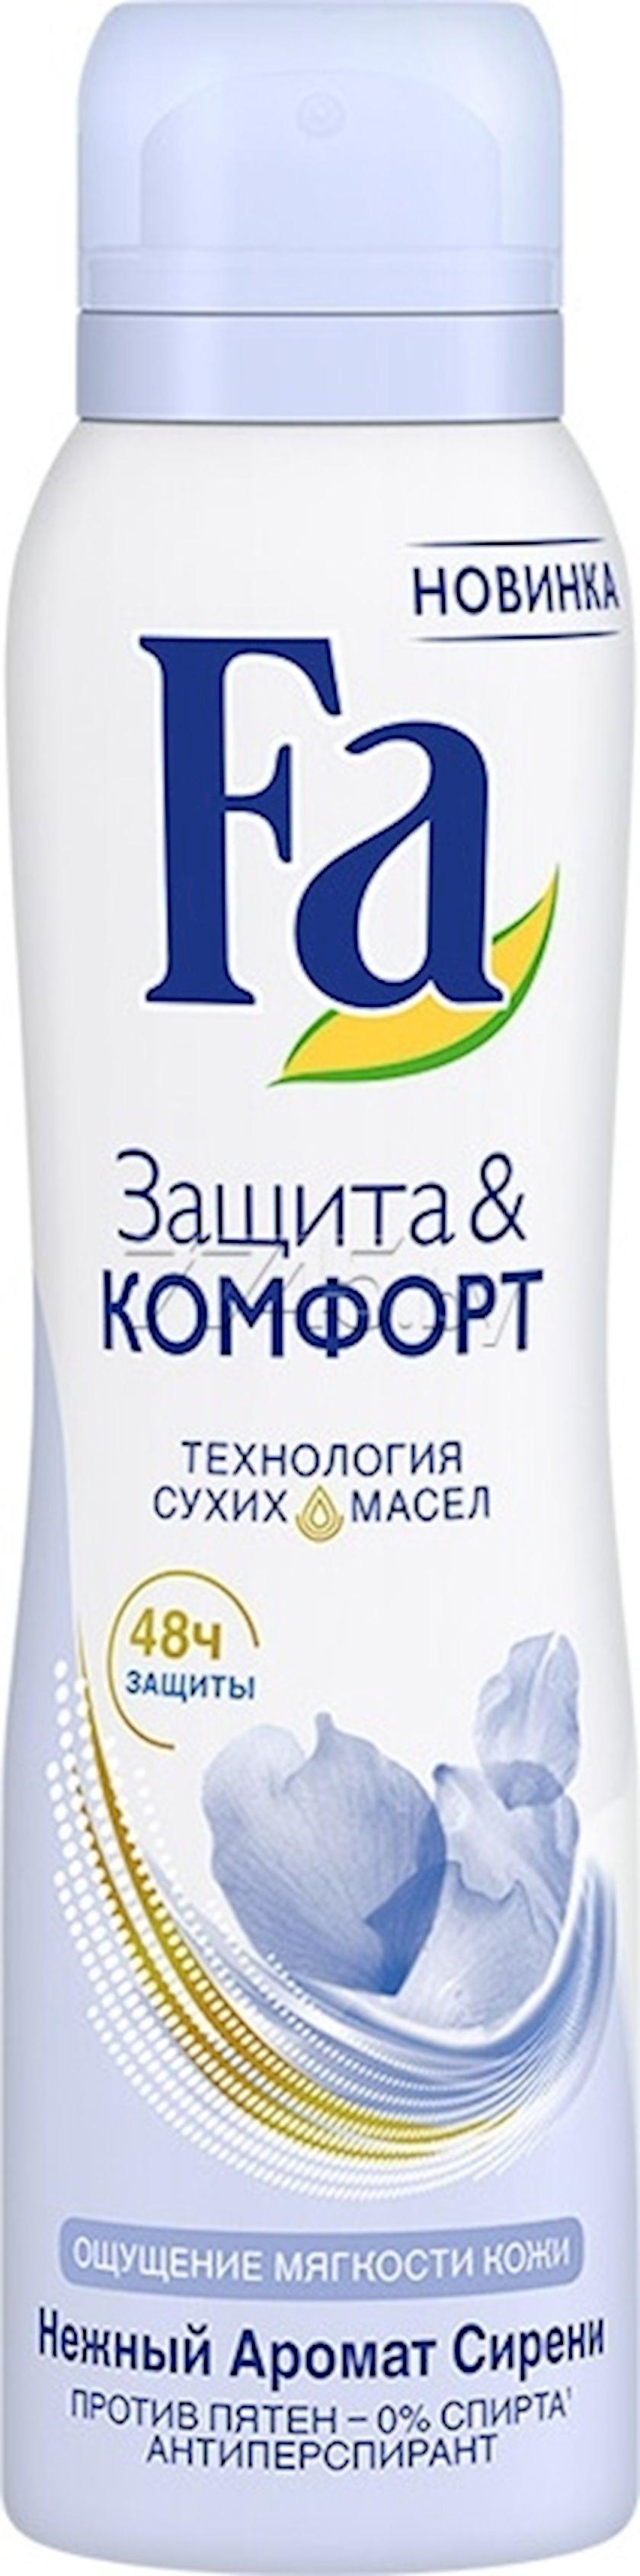 Dezodorant-antiperspirant Fa Müdafiə və rahatlıq yasəmən 150 ml